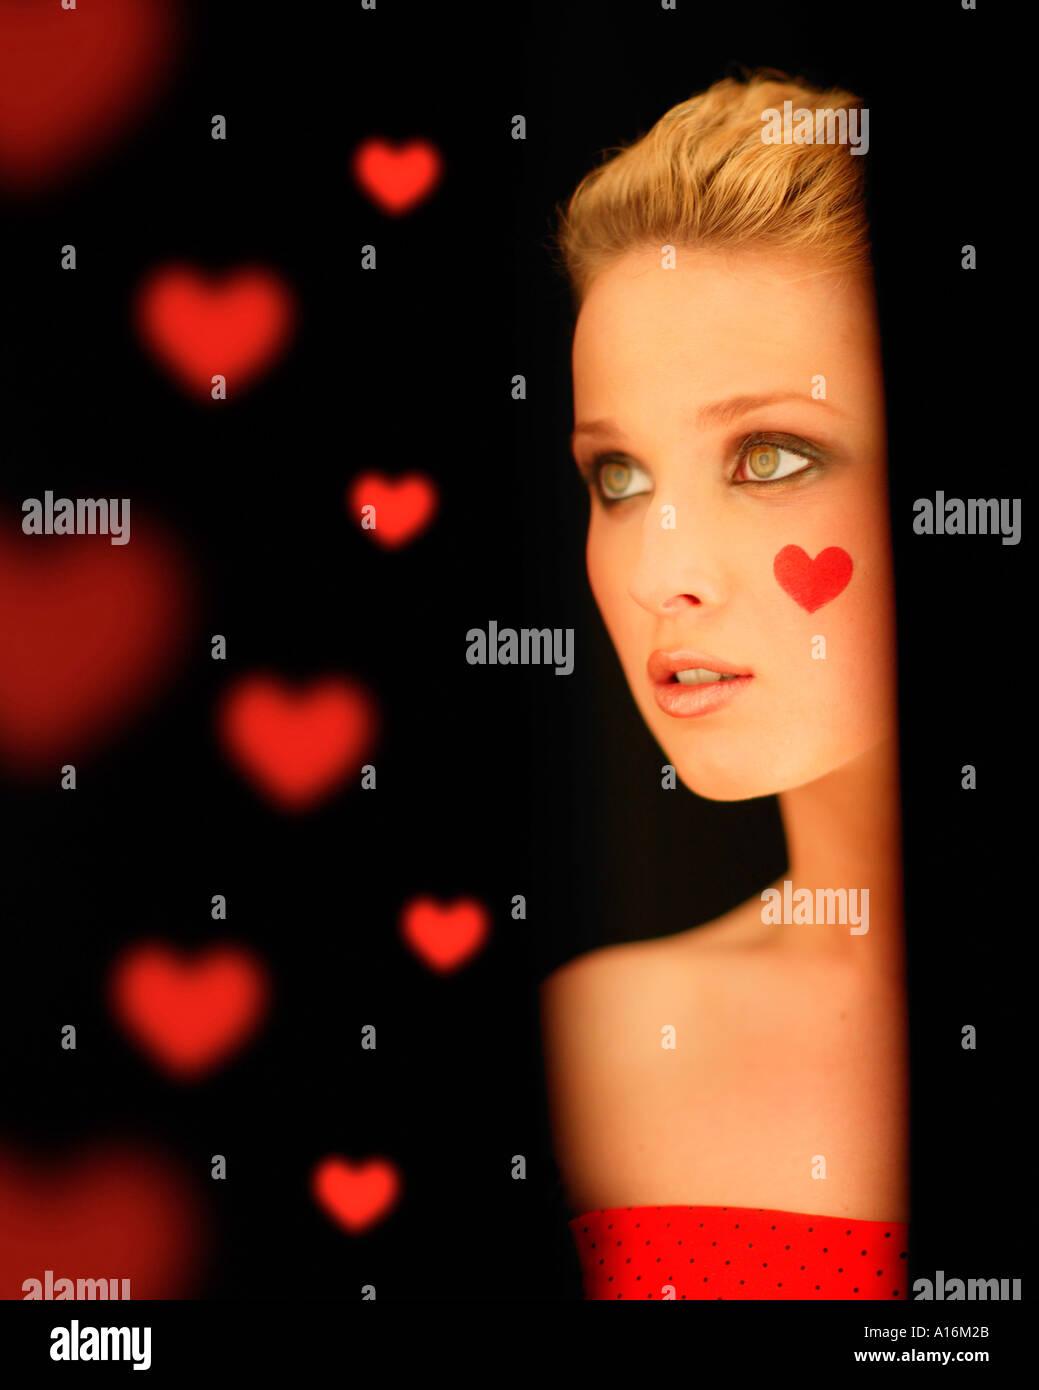 Ritratto di giovane donna 18, 19, 20, 21, 20-24, 24-29, 30-34, anni con cuore rosso dipinto sulla guancia Foto Stock